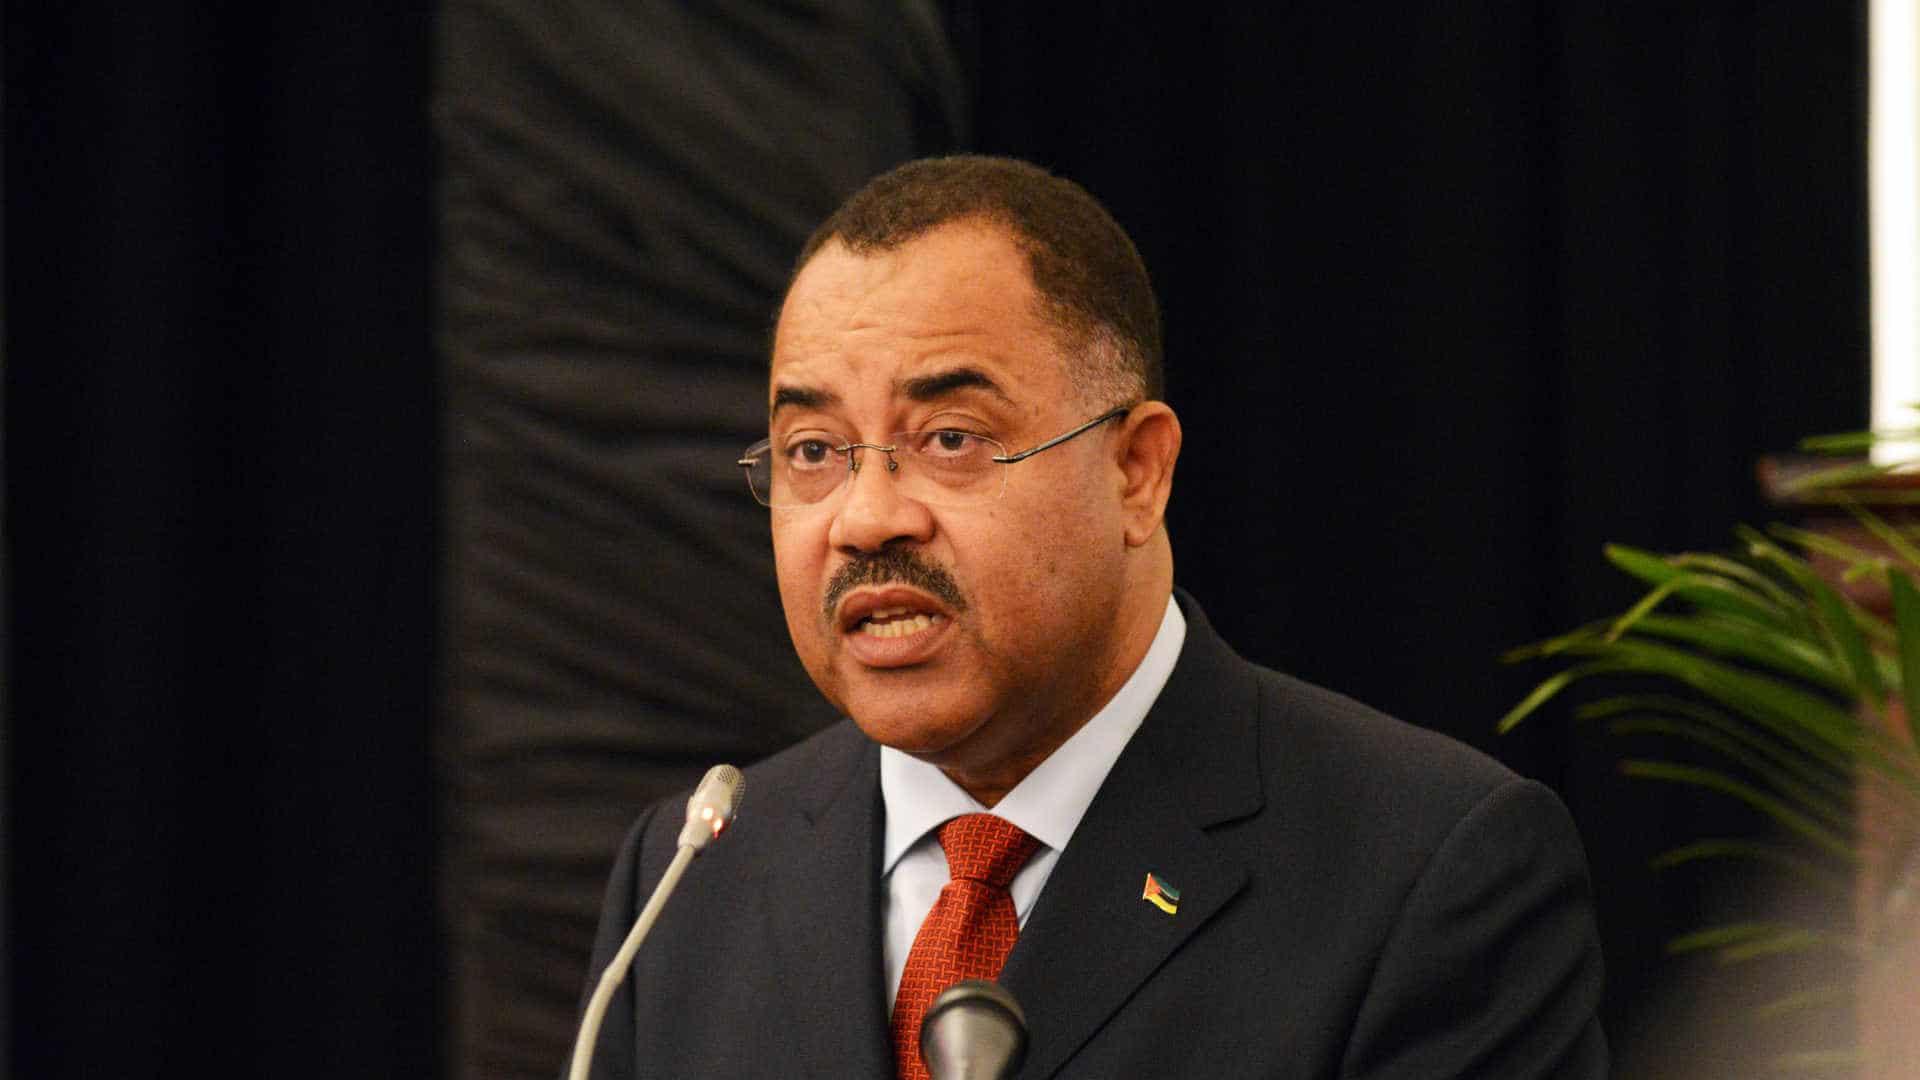 governo sul-africano diz que vai repatriar manuel chang para moçambique - Manuel Chang - Governo sul-africano diz que vai repatriar Manuel Chang para Moçambique